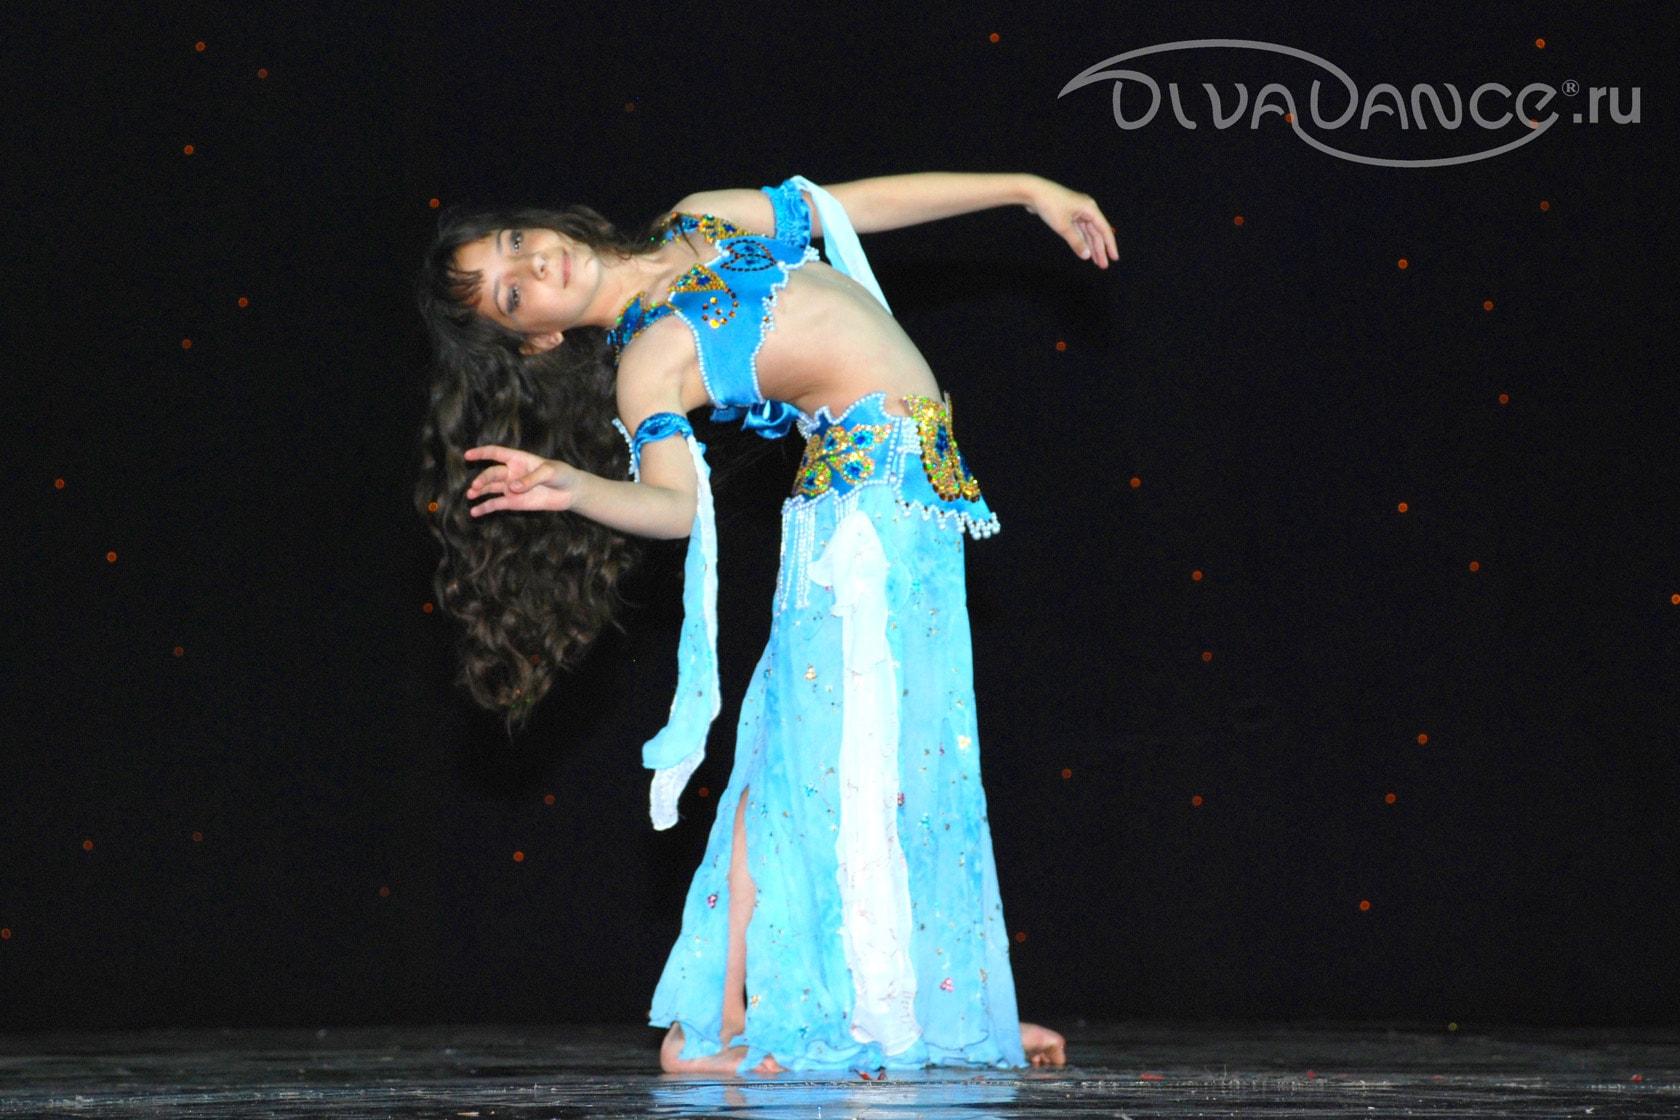 Спортивно эротические танцы 28 фотография